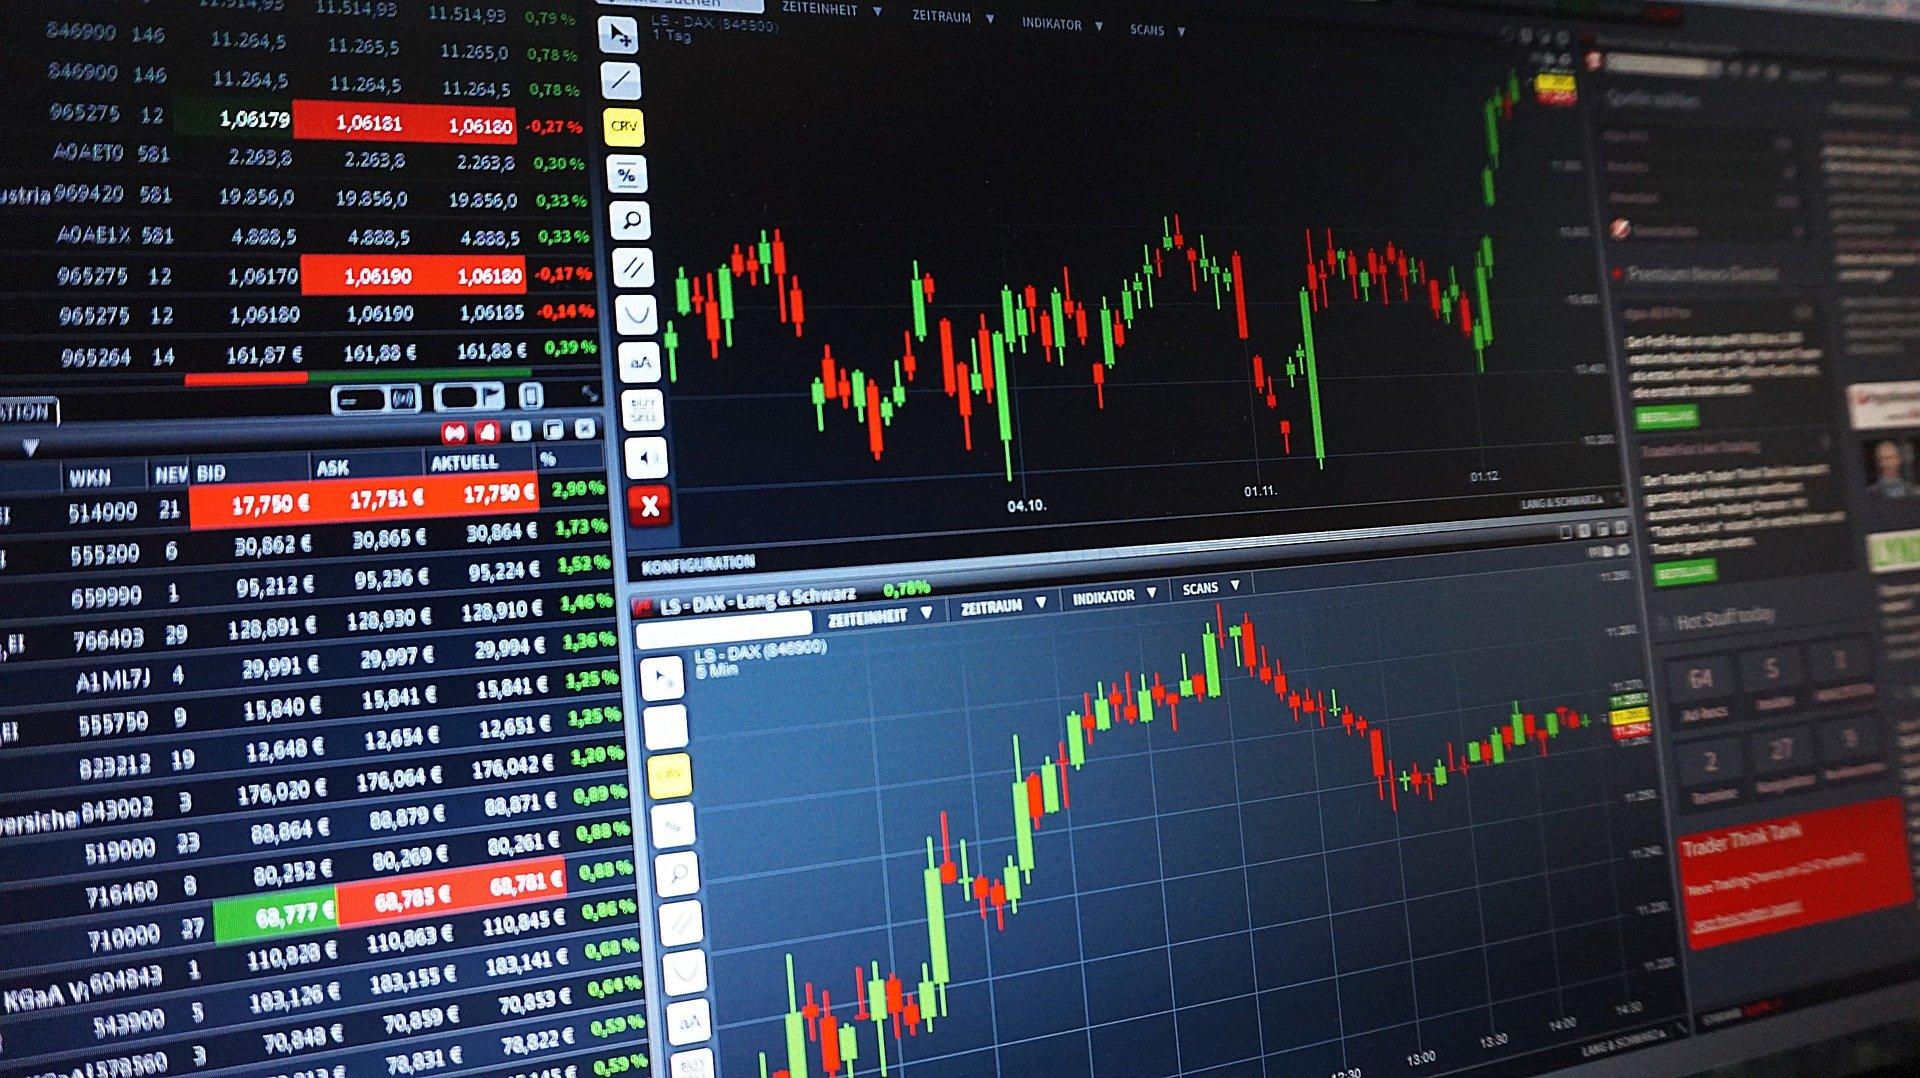 Vad innebär teknisk analys inom investeringar?